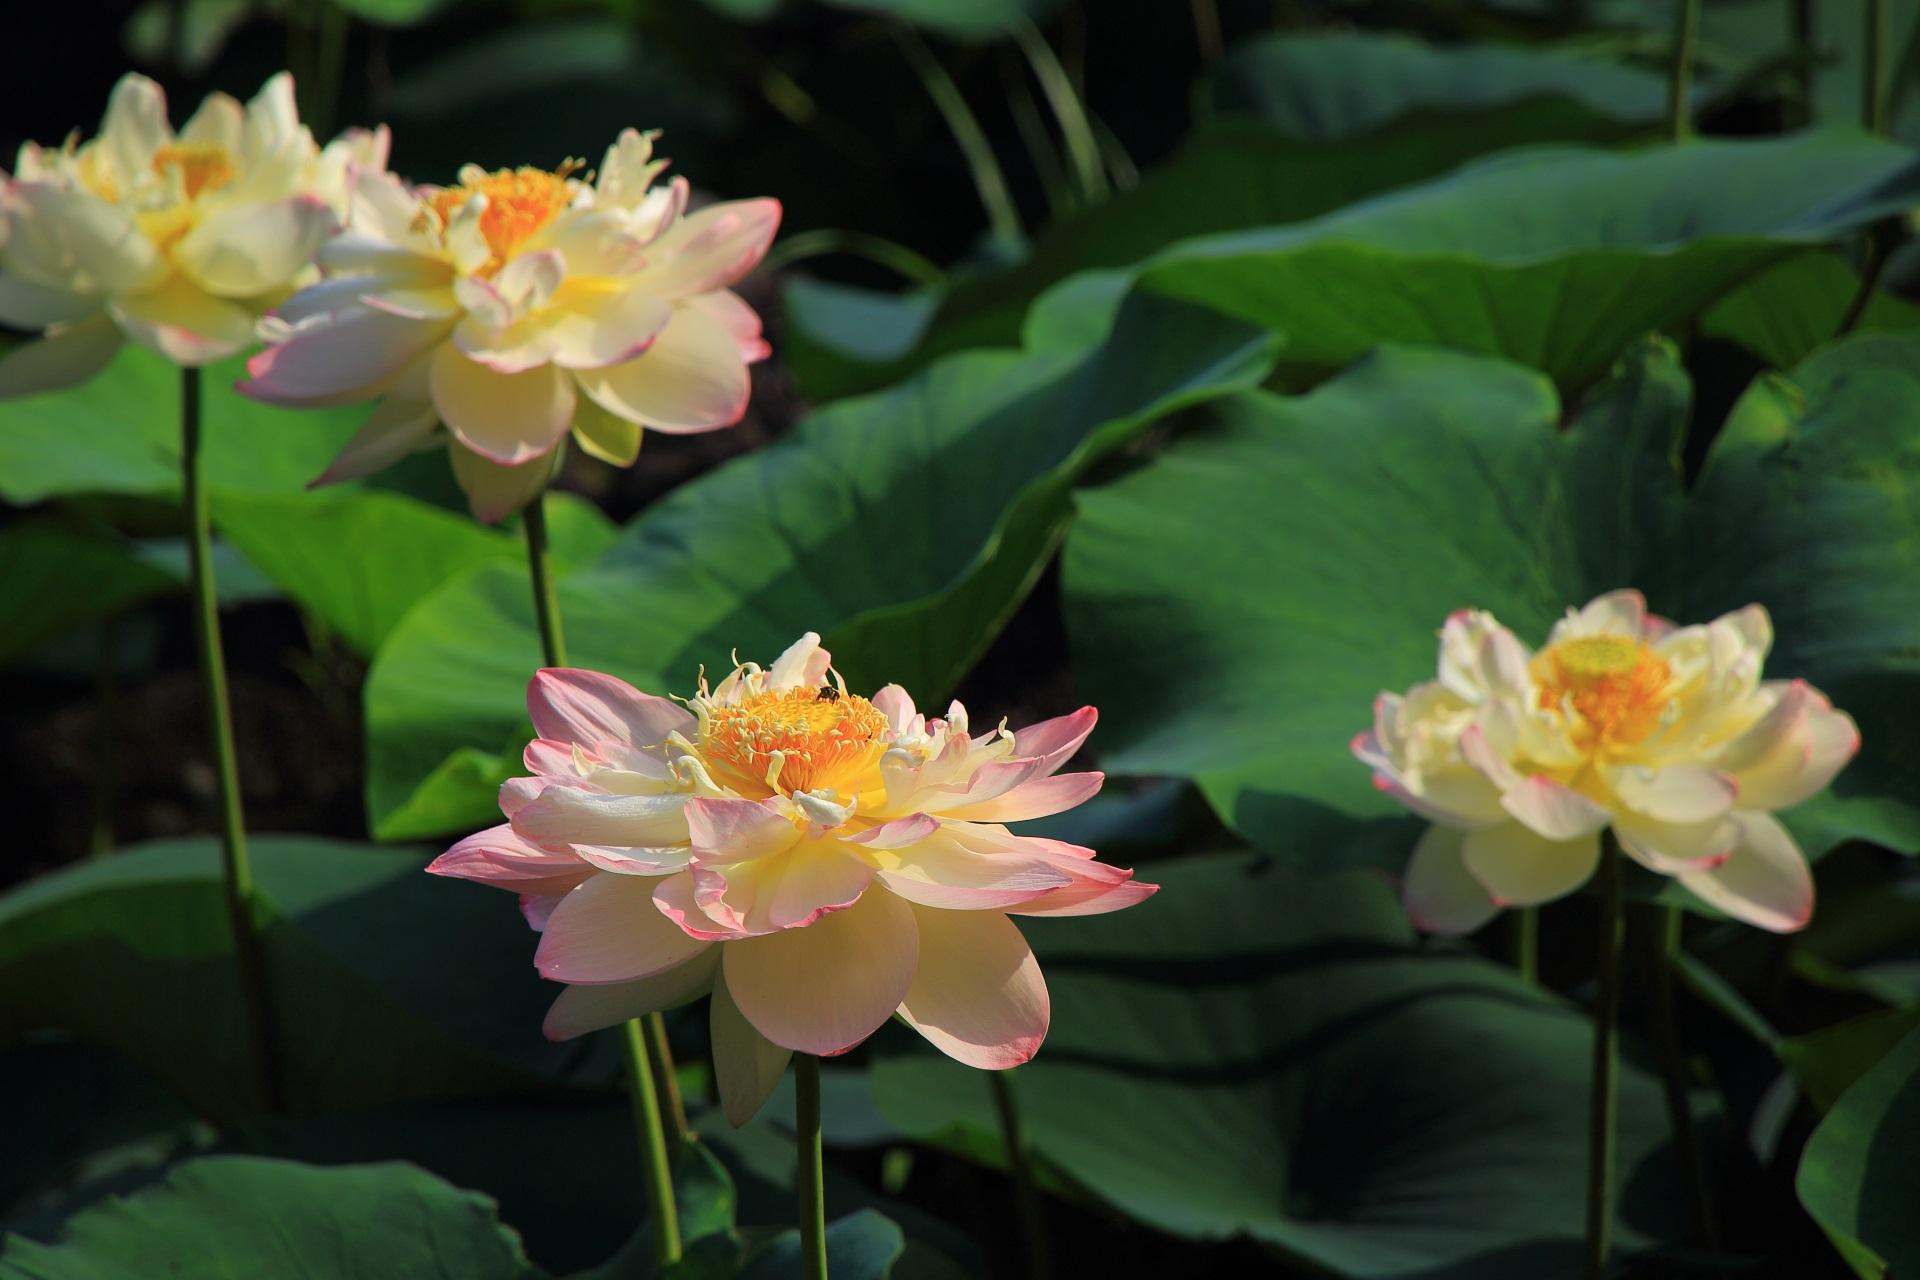 智積院の白にうっすらピンクが入った華やかな蓮の花